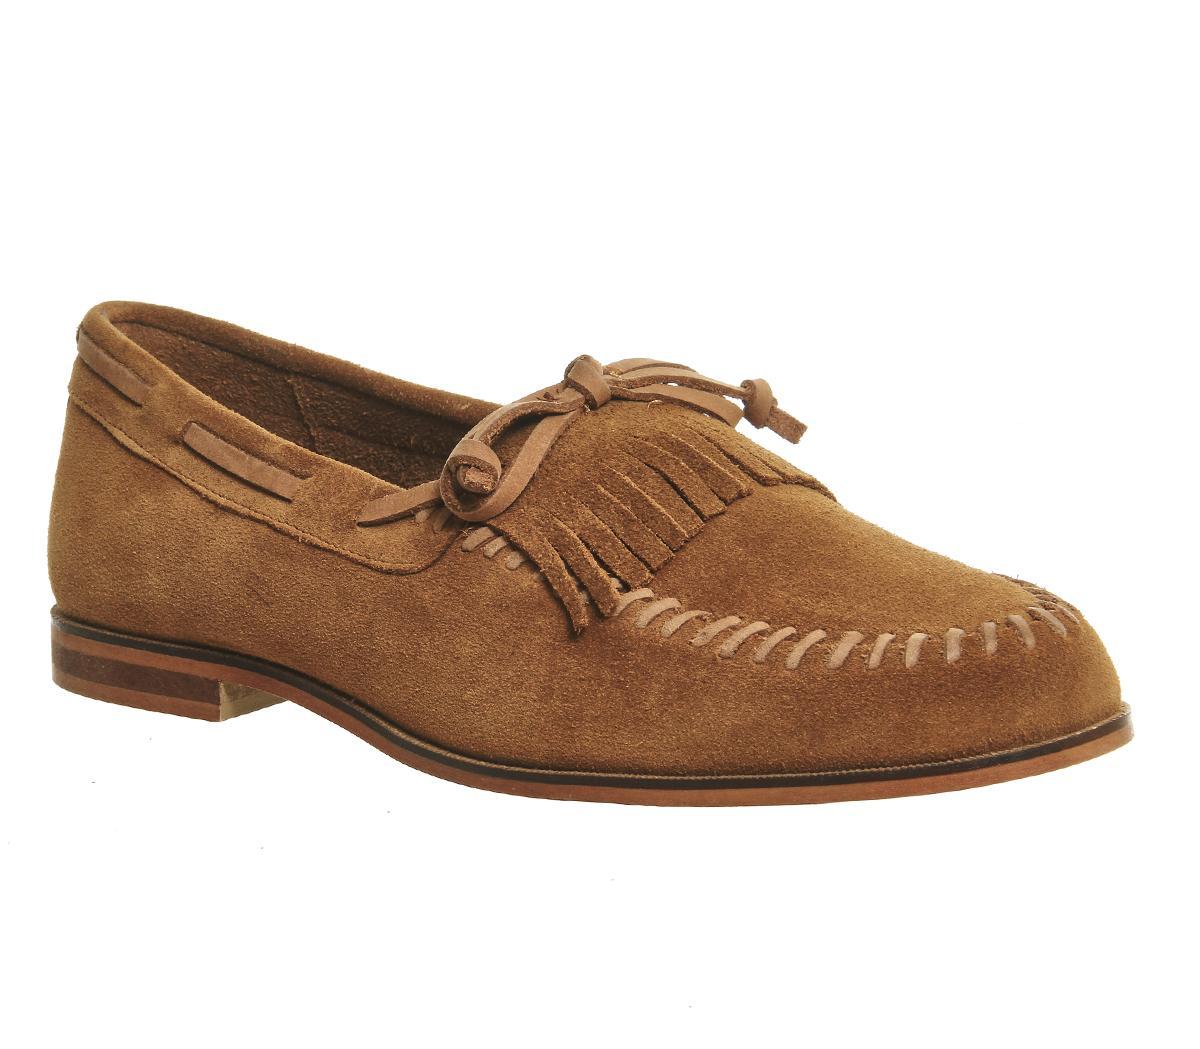 Euston Fringe Loafers